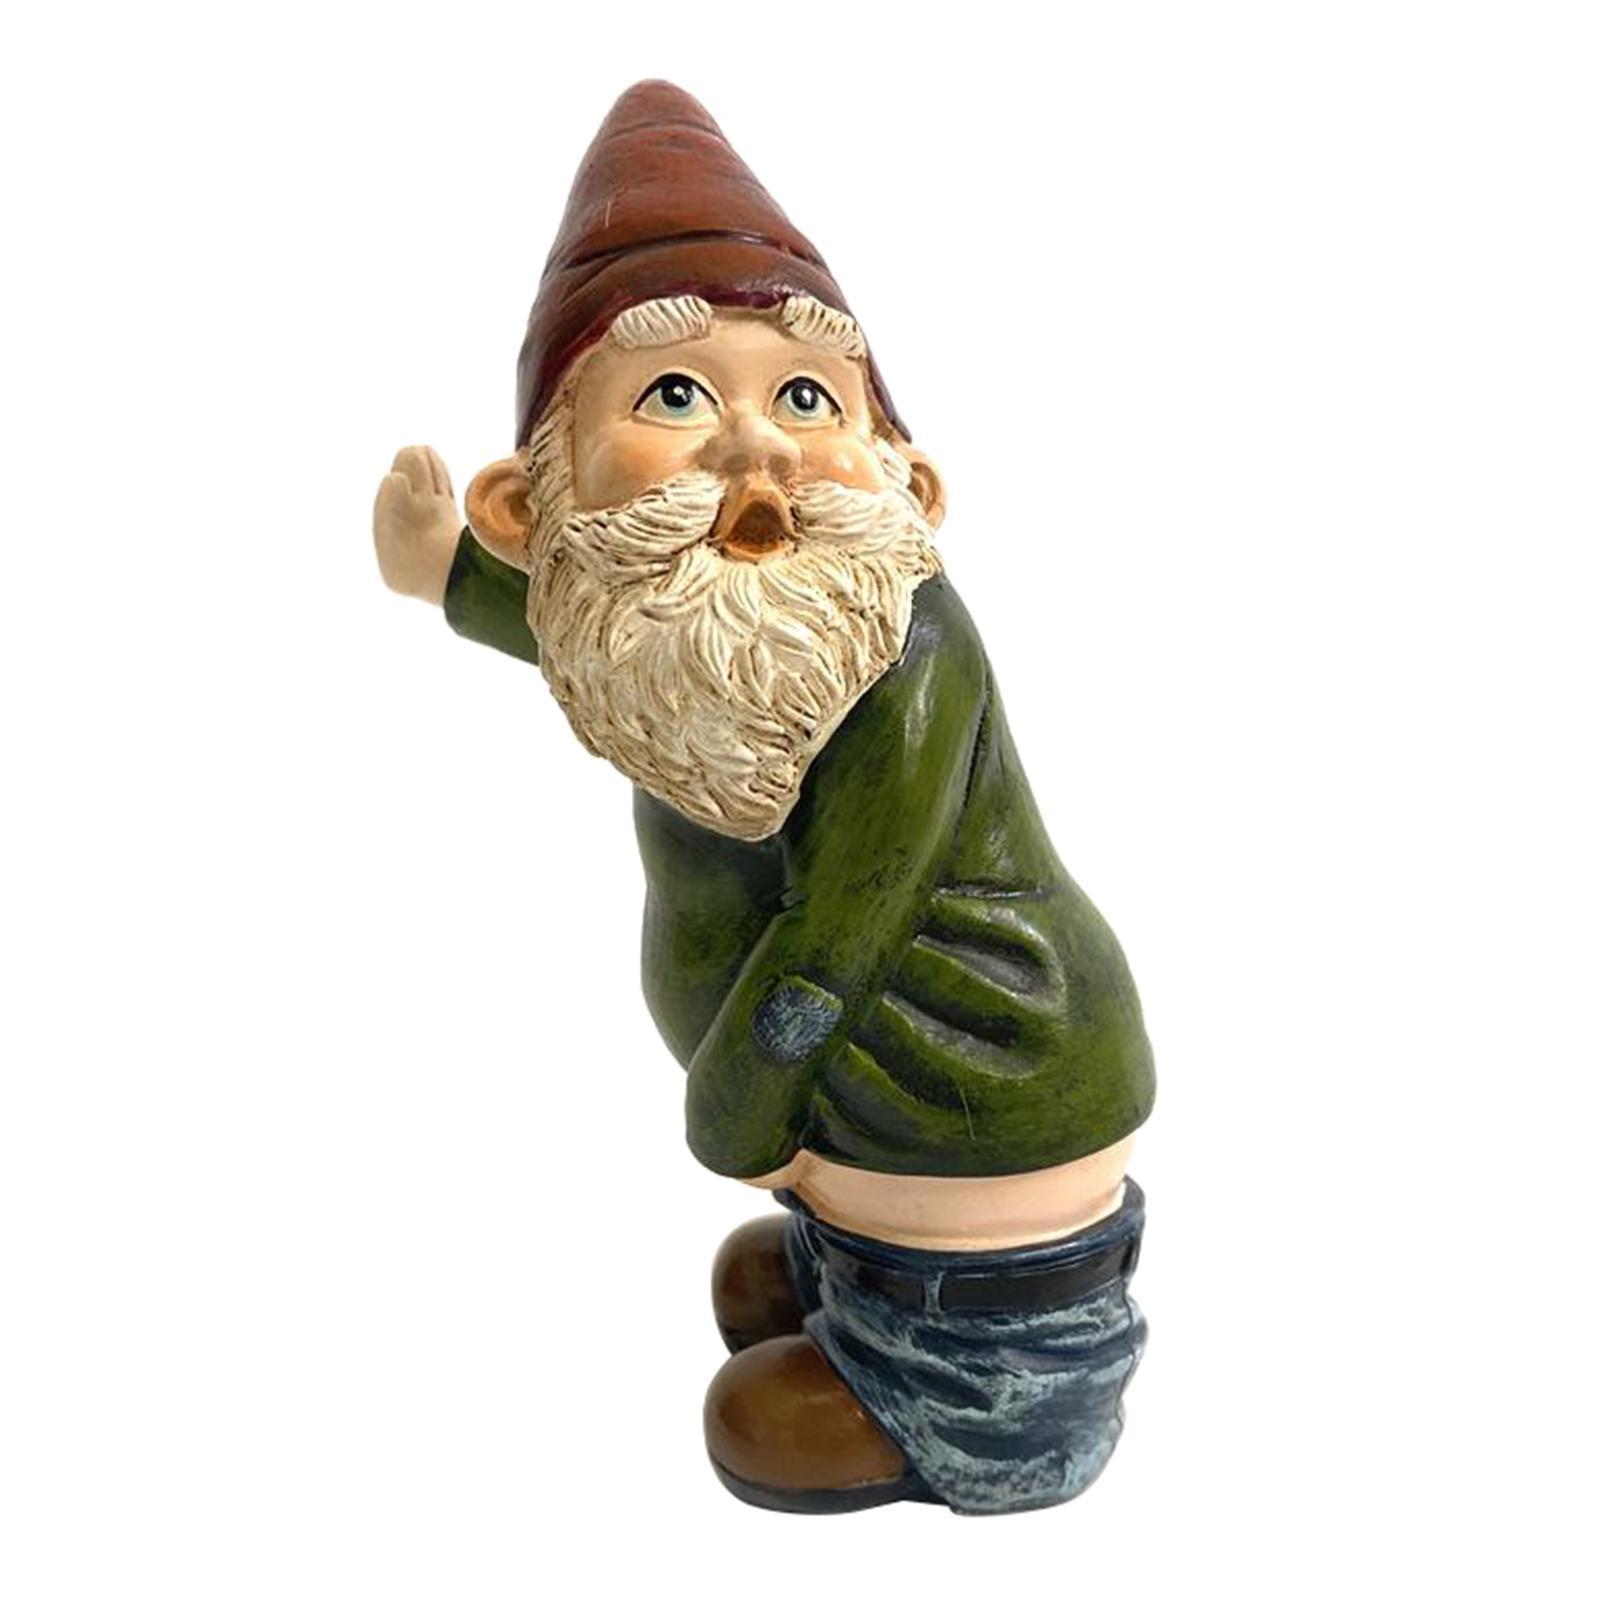 thumbnail 3 - Garden Gnome Polyresin Garden Sculpture Outdoor/Indoor Decor Funny Lawn Figurine